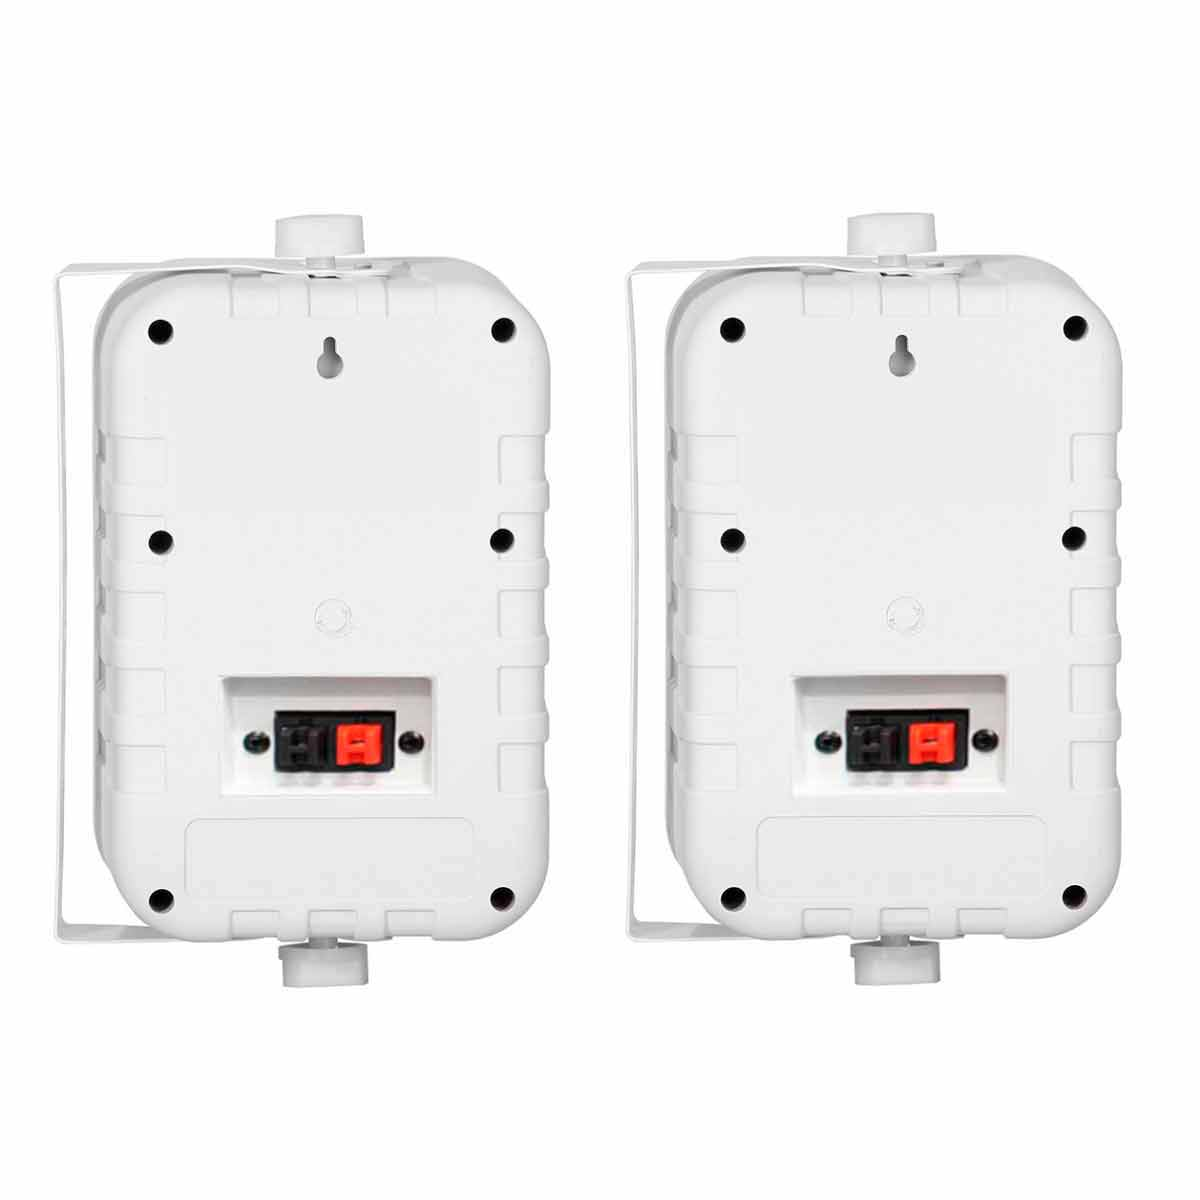 Caixa Passiva p/ Som Ambiente Fal 4 Pol 60W c/ Suporte (Par) - SP 400 Donner